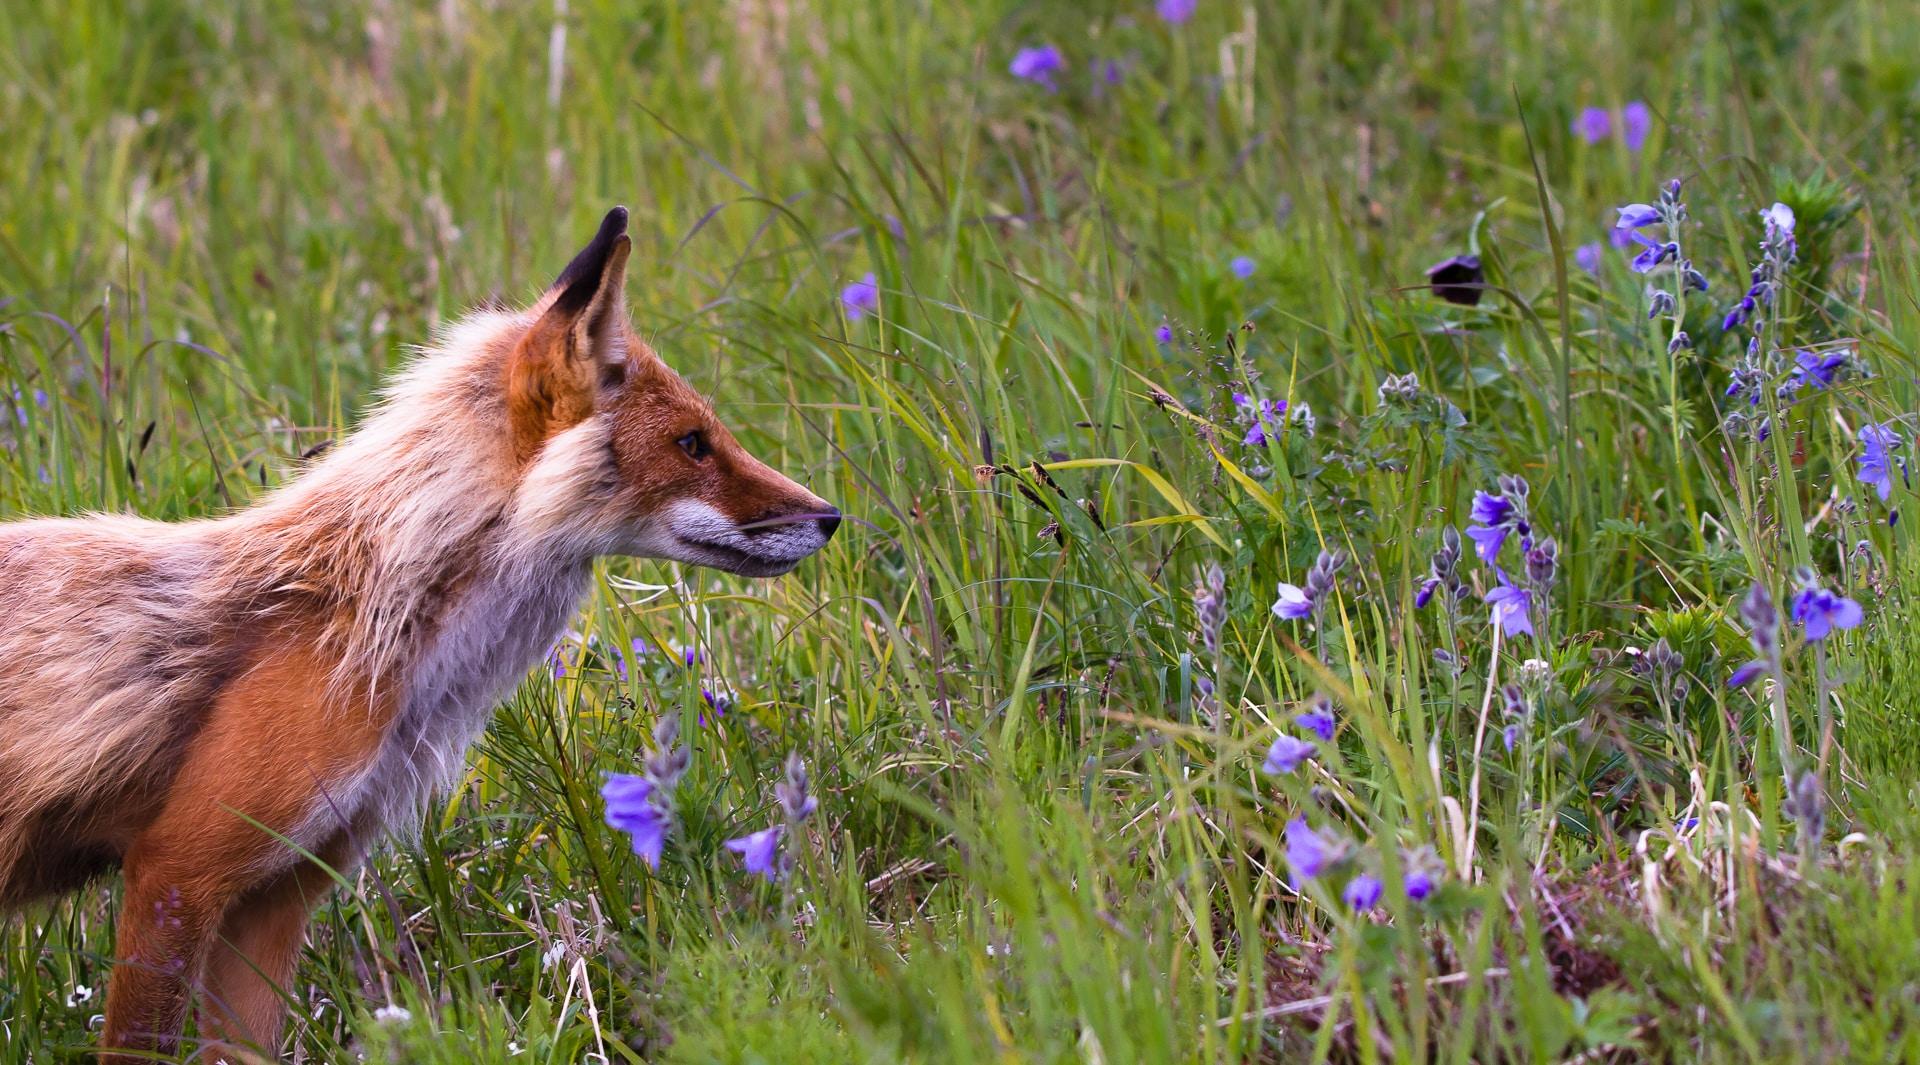 A red fox in a flower meadow